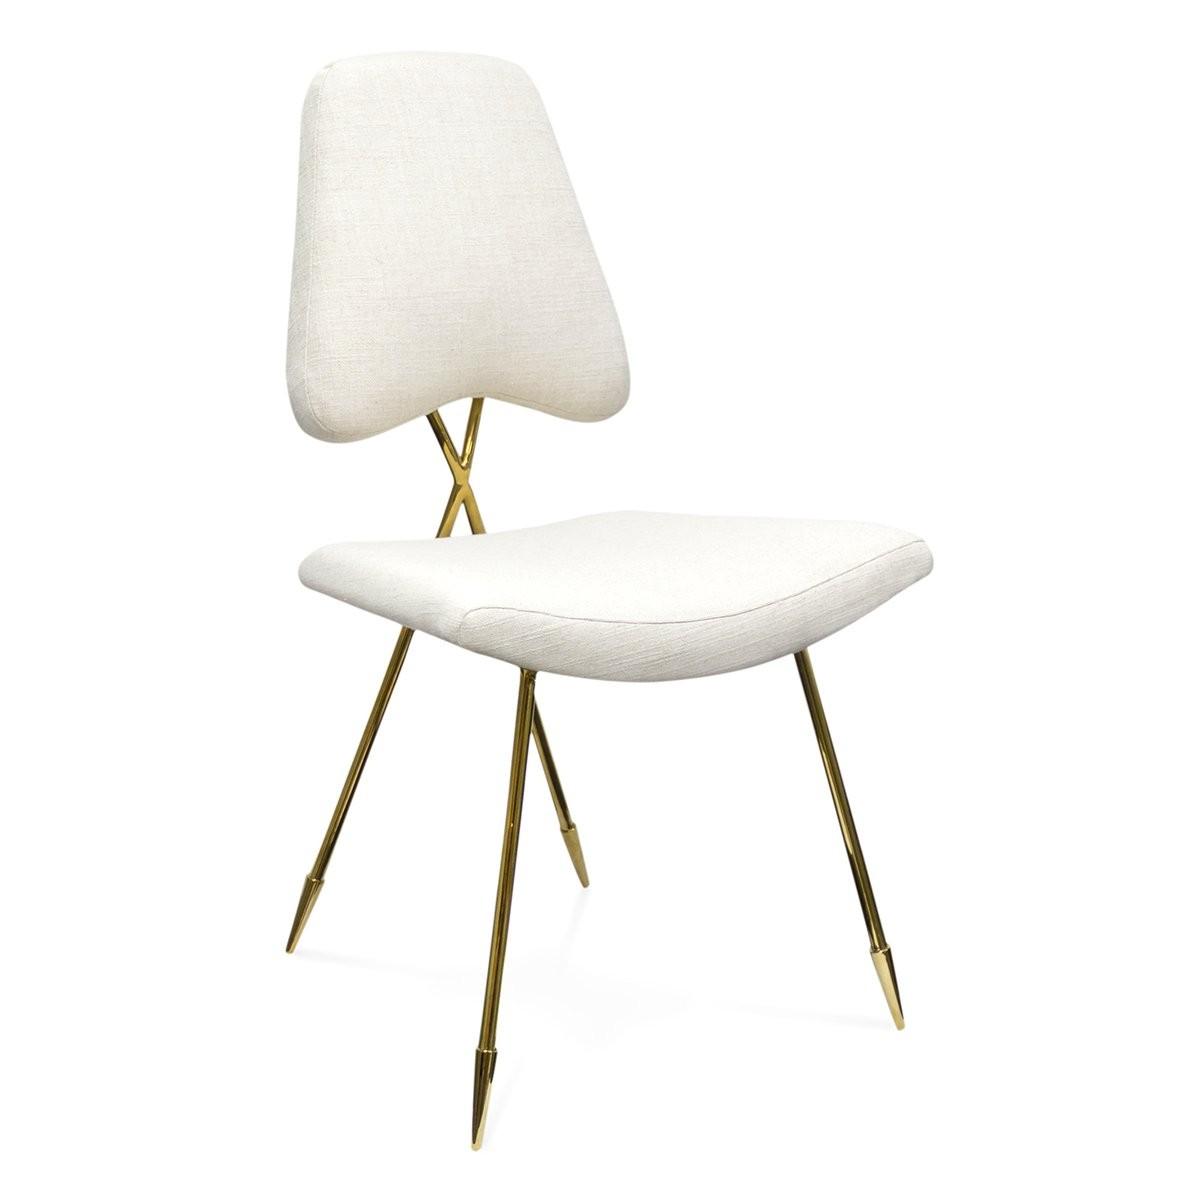 Jonathan Adler I Maxime Dining Chair I Belgium Stone Linen